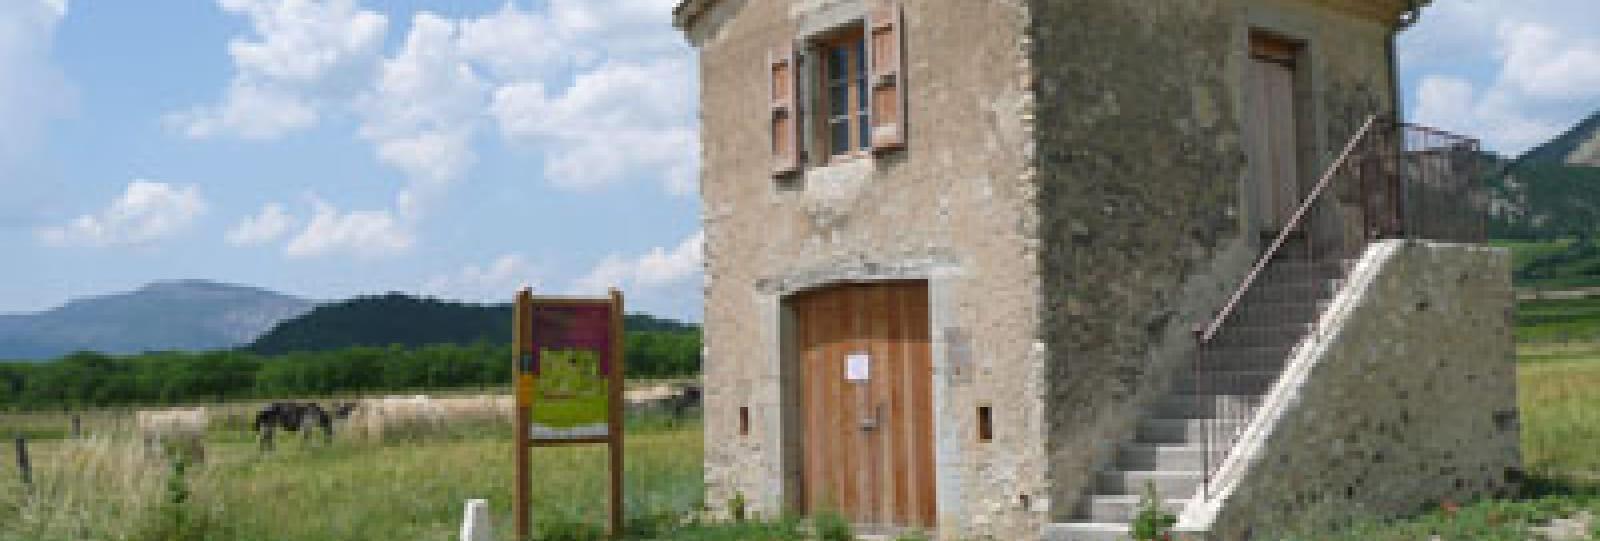 Sur les Chemins de la Clairette - Entre vignes et Cabanons